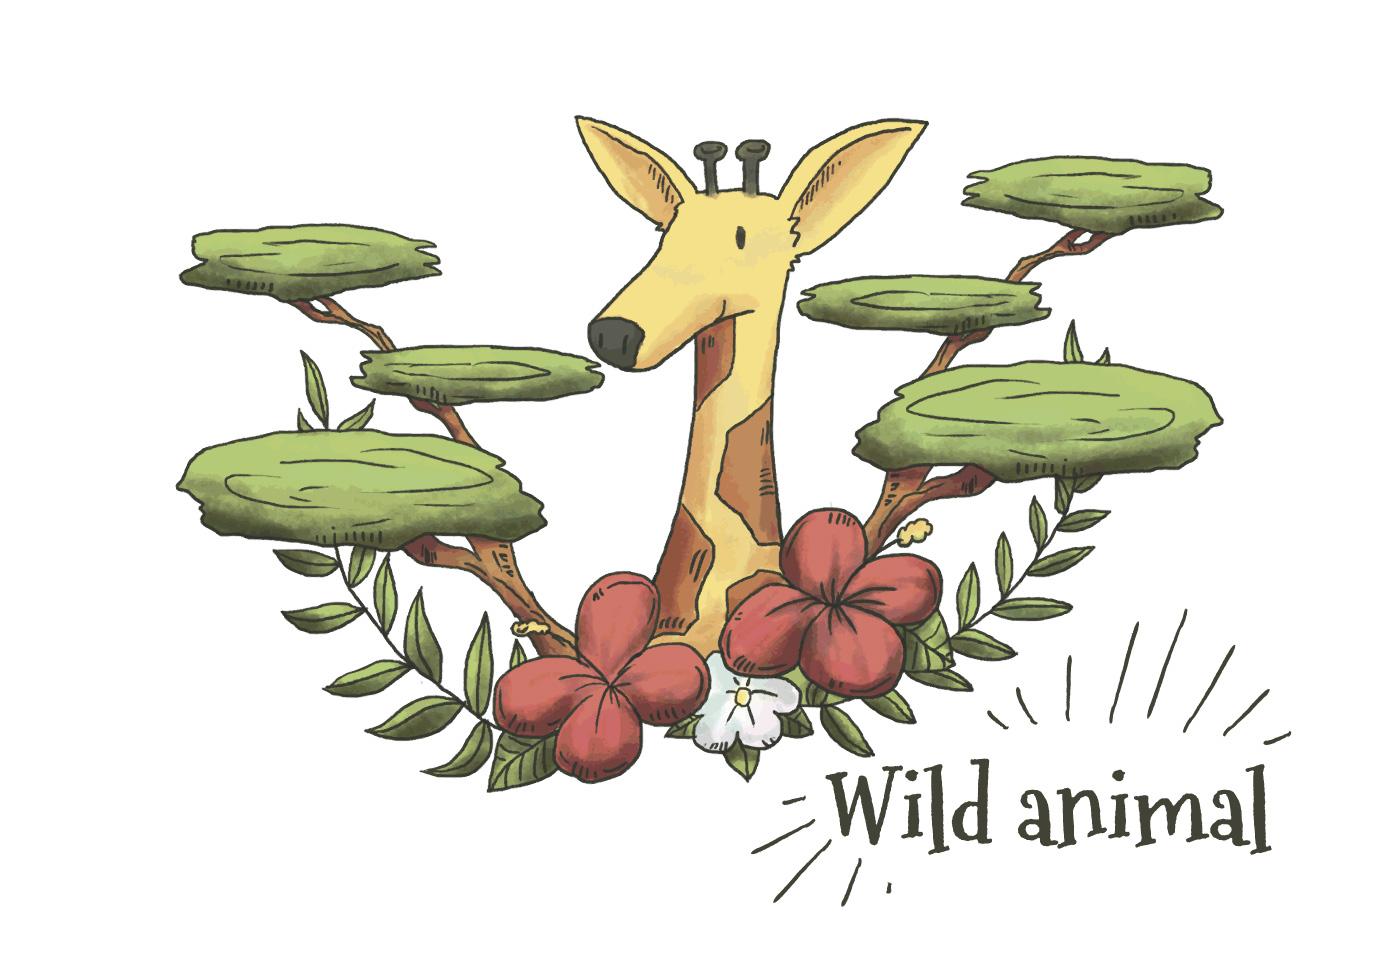 Nette Aquarell-Giraffe mit Blättern, Pflanzen und Blumen ...